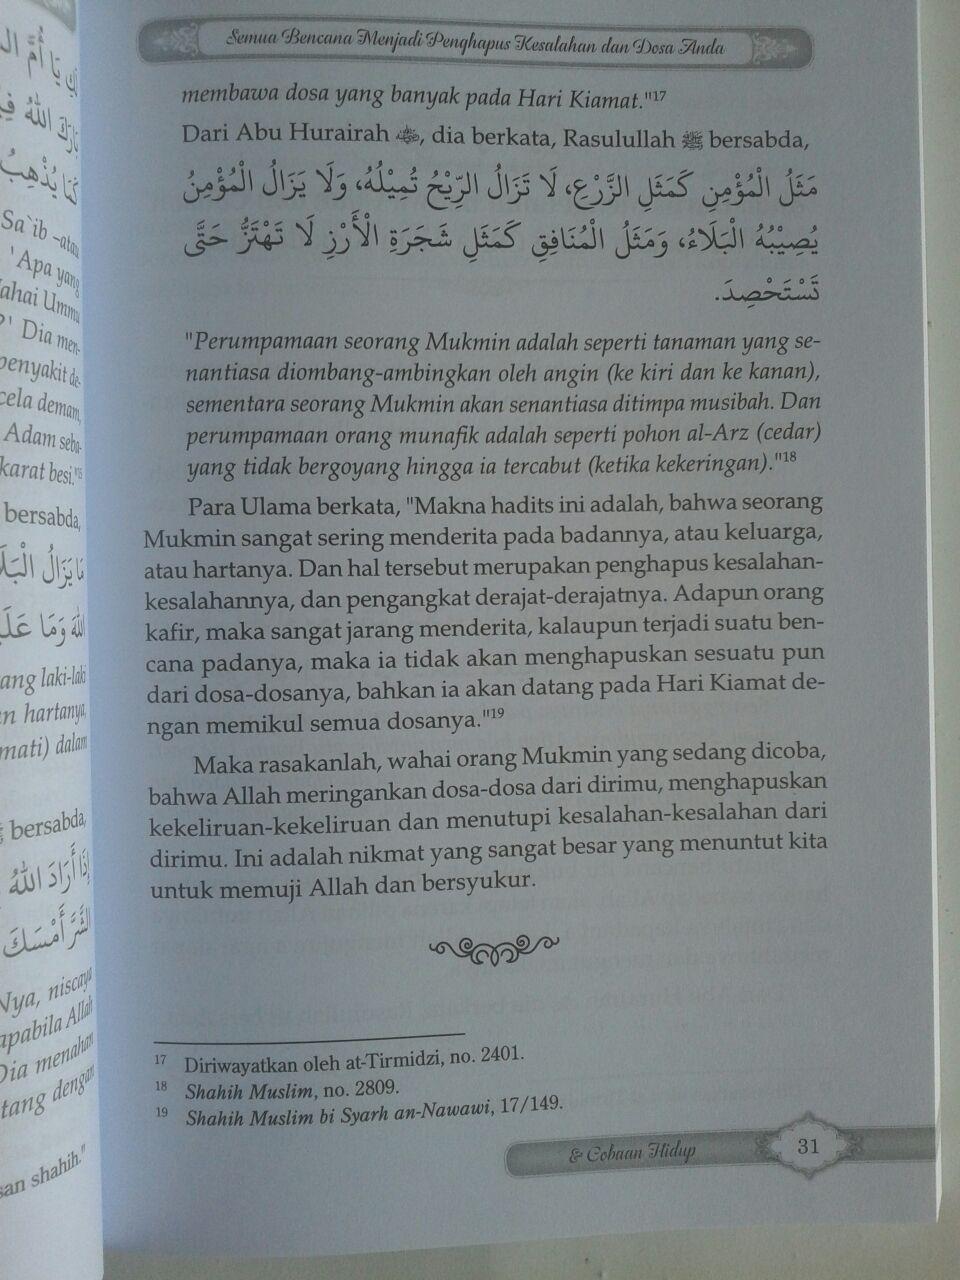 Buku Menghadapi Ujian Dan Cobaan Hidup Dalam Bimbingan Quran Sunnah isi